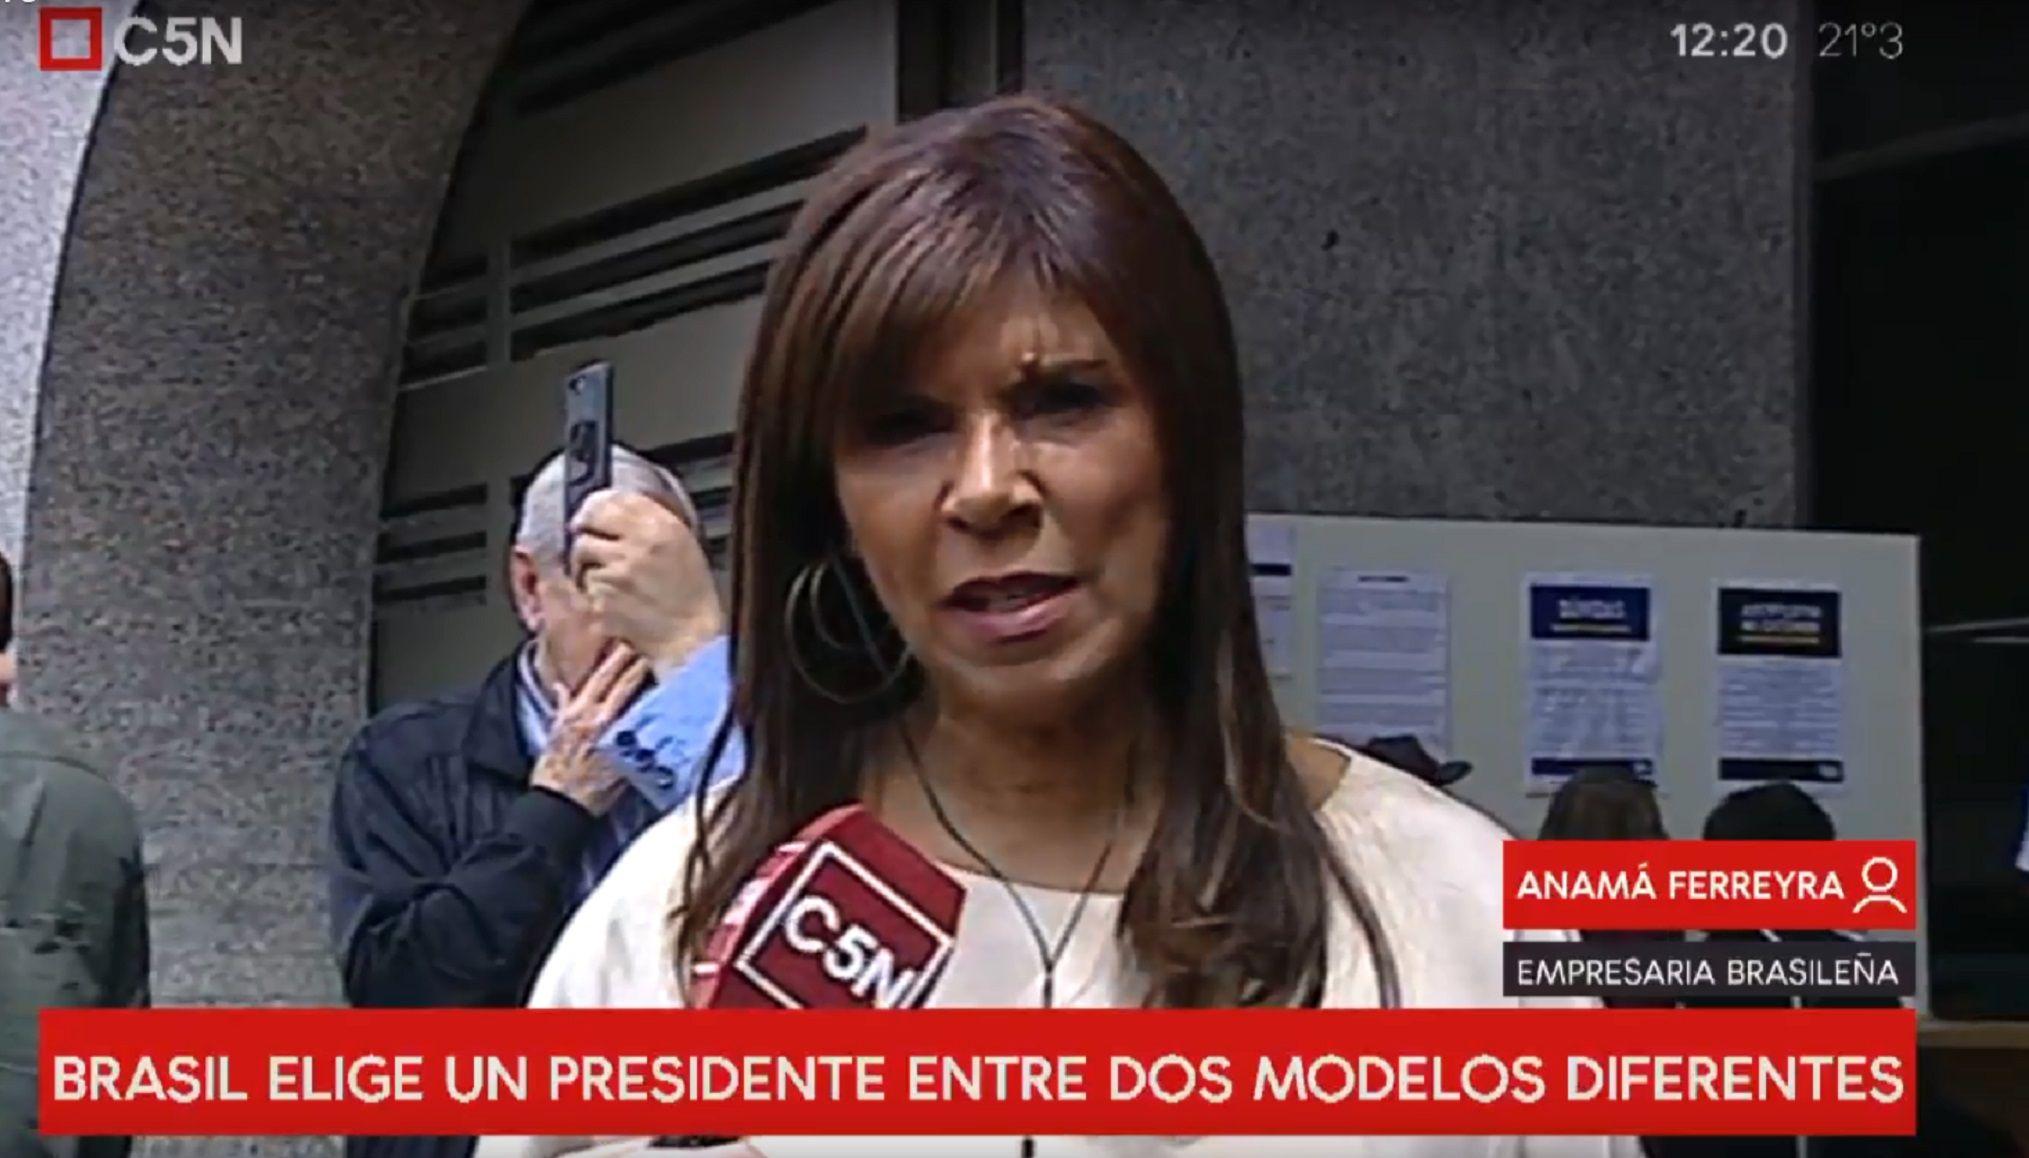 El pronóstico de Anamá Ferreira para el balotaje entre Bolsonaro y Haddad